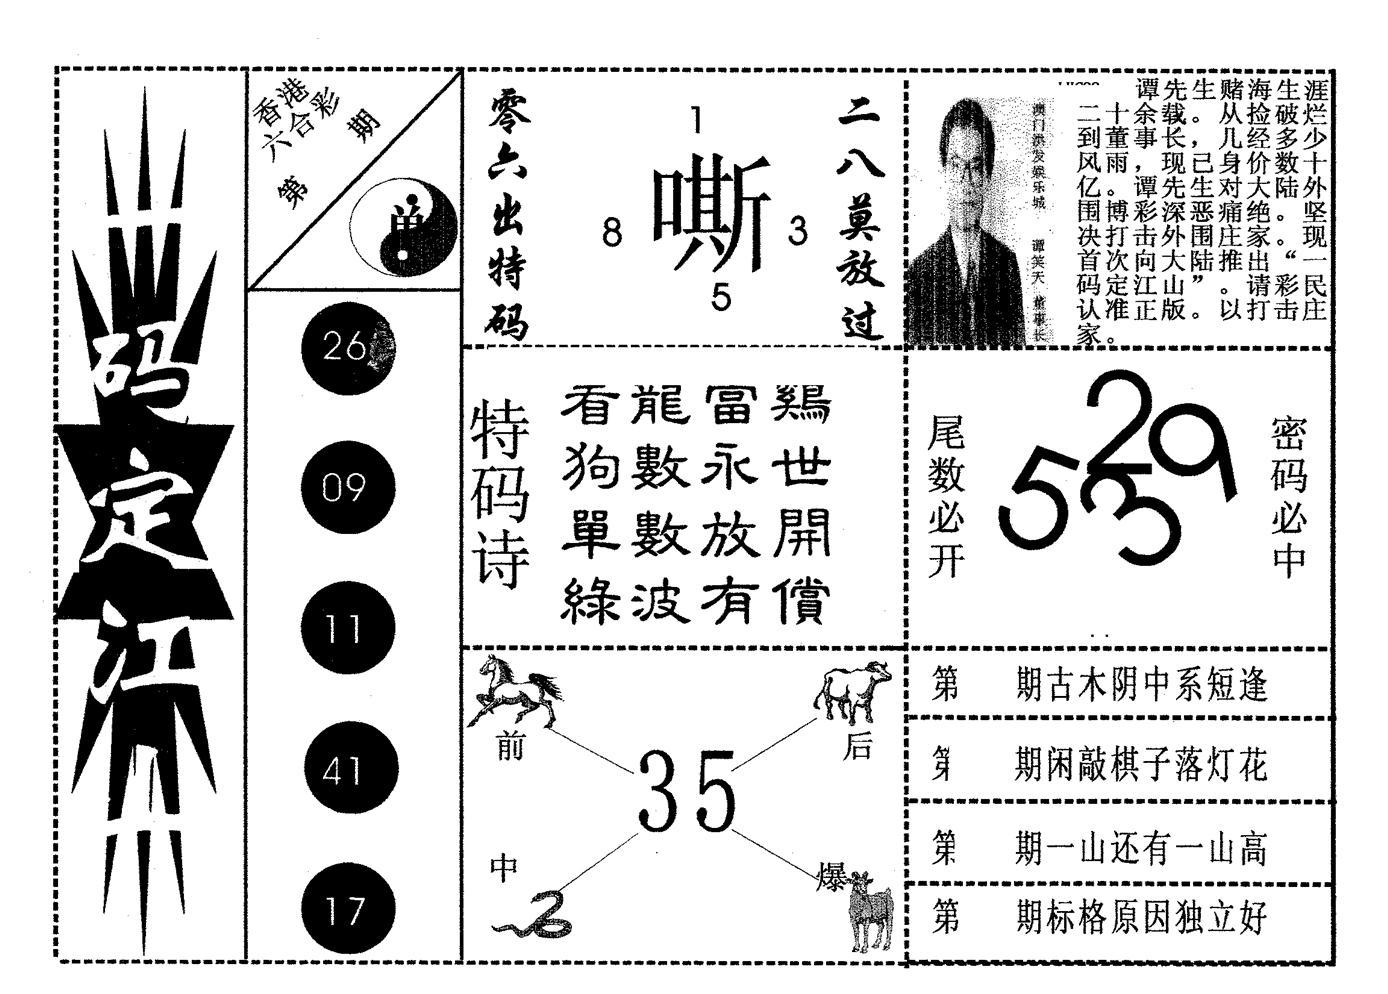 088期一码定江山(黑白)